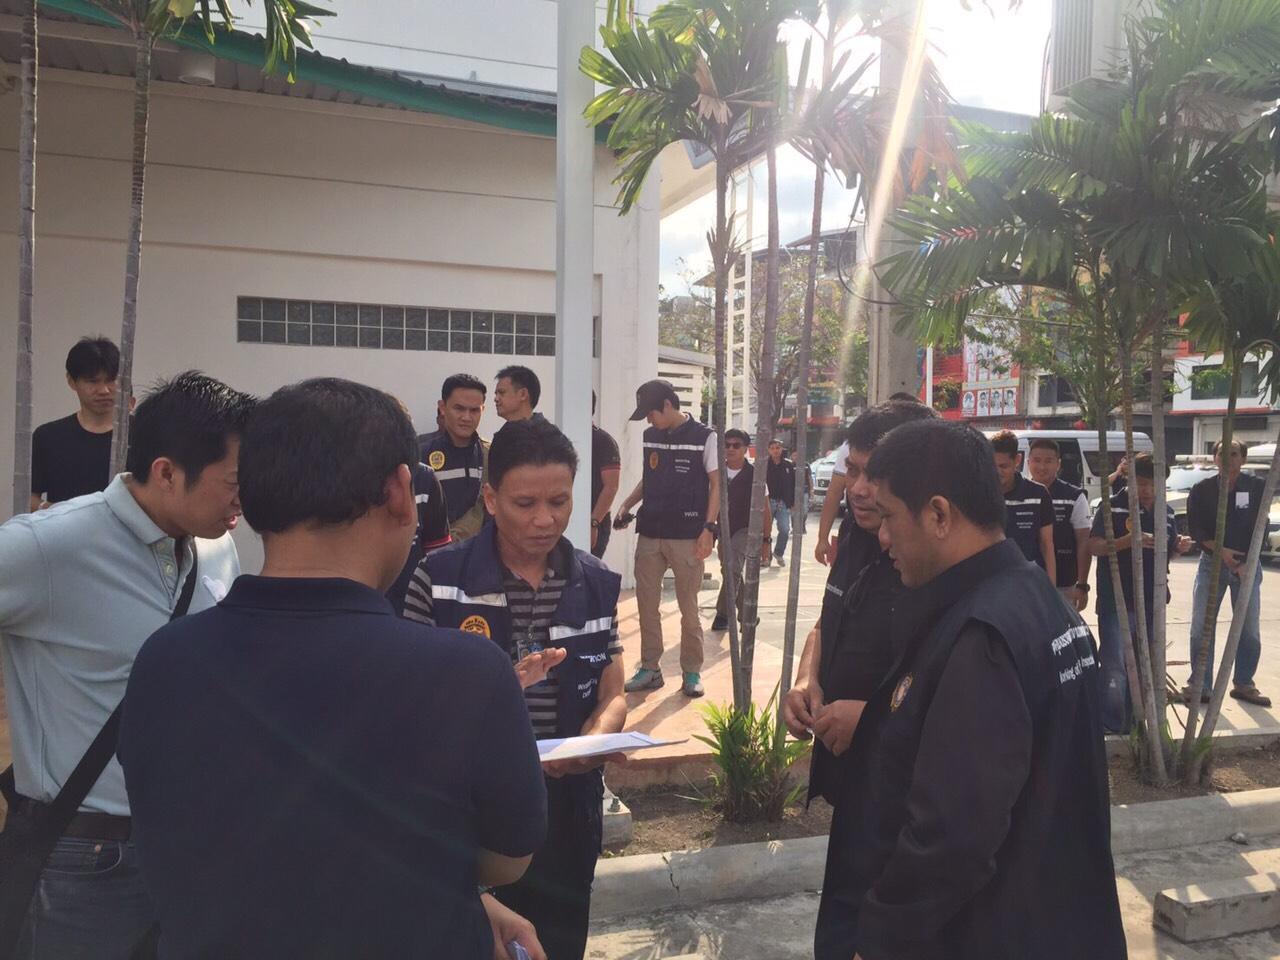 กรมการจัดหางานร่วมกับตำรวจตรวจคนเข้าเมืองบุกจับนายจ้างและแรงงานต่างด้าวย่านตลาดทุ่งครุ 45 ราย เป็นแรงงานต่างด้าว 37 ราย นายจ้าง 8 ราย พบเป็นชาวกัมพูชา ลาว เมียนมา ลักลอบเข้ามาทำงานค้าขายสินค้า